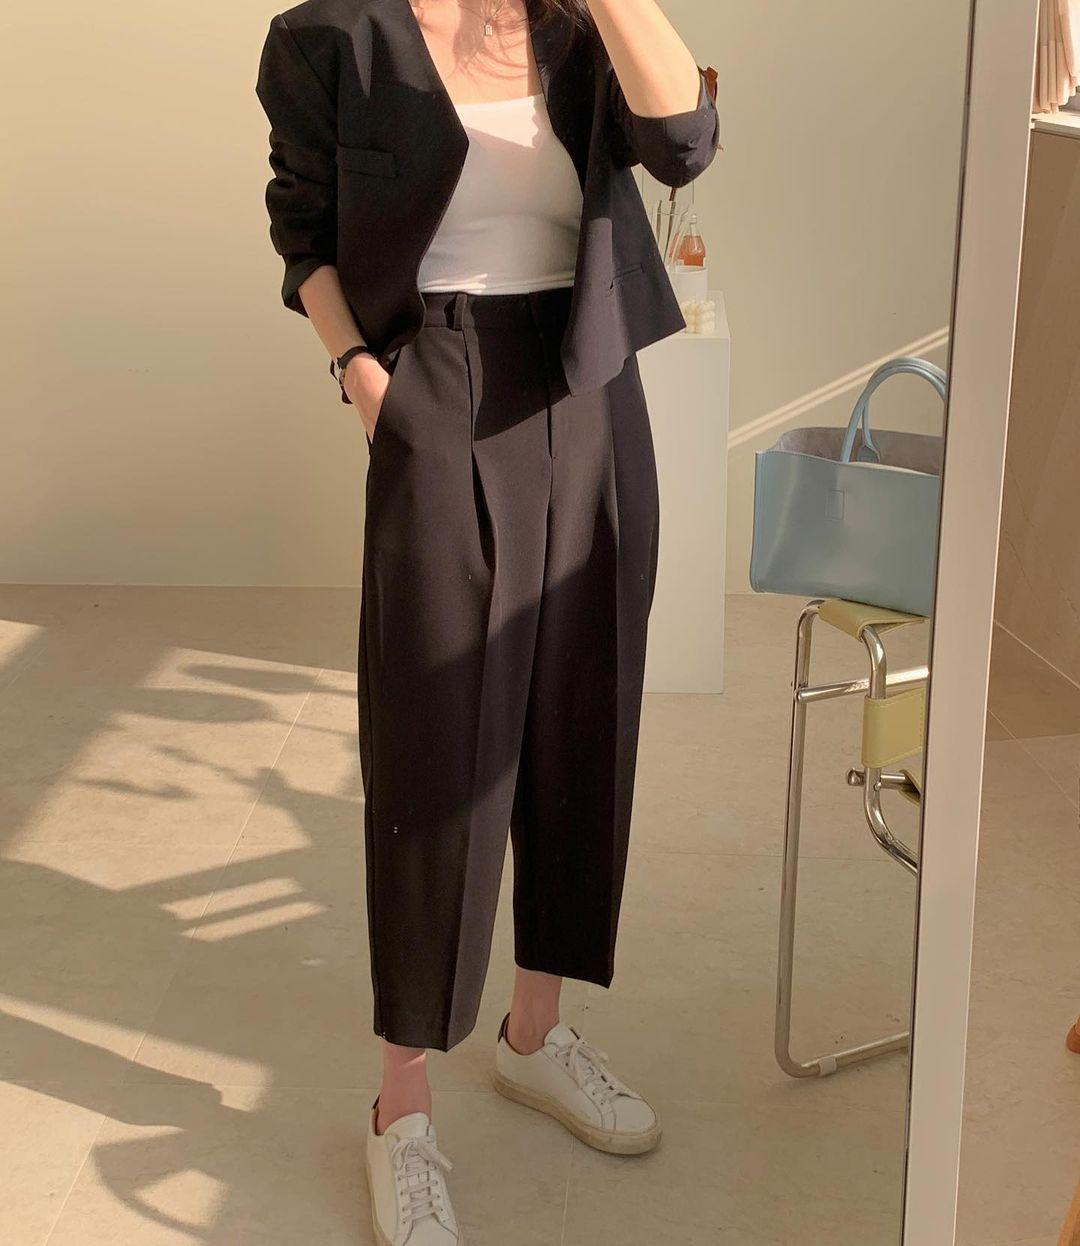 5 mẫu giày dép gái Hàn đang chuộng mix với quần âu để sang chảnh hóa cả set đồ công sở - Ảnh 2